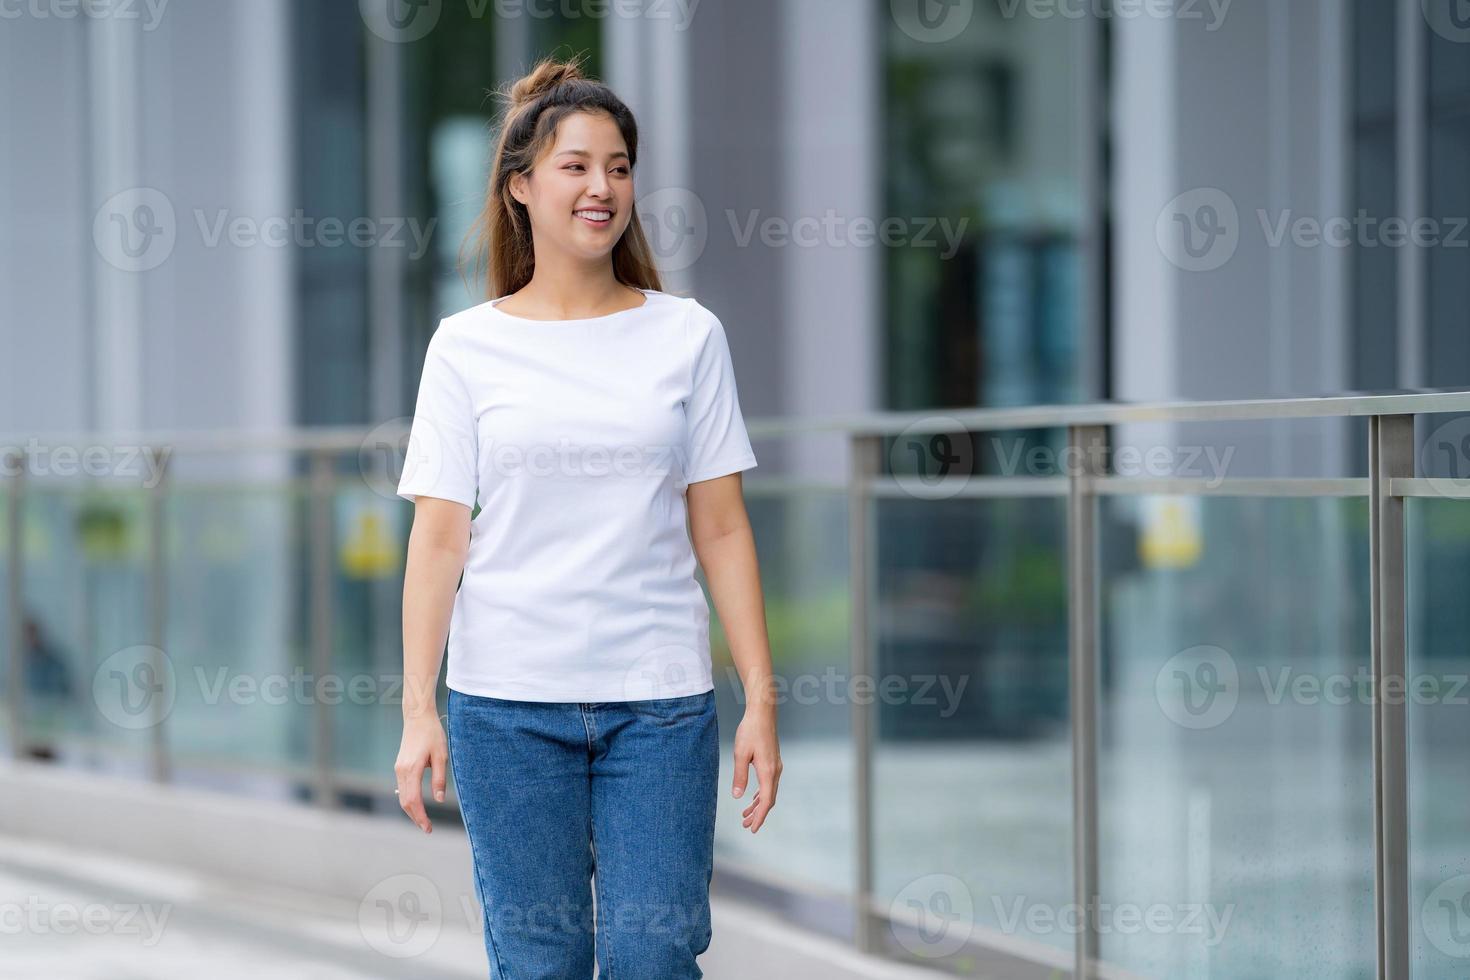 mujer en camiseta blanca y jeans azules foto